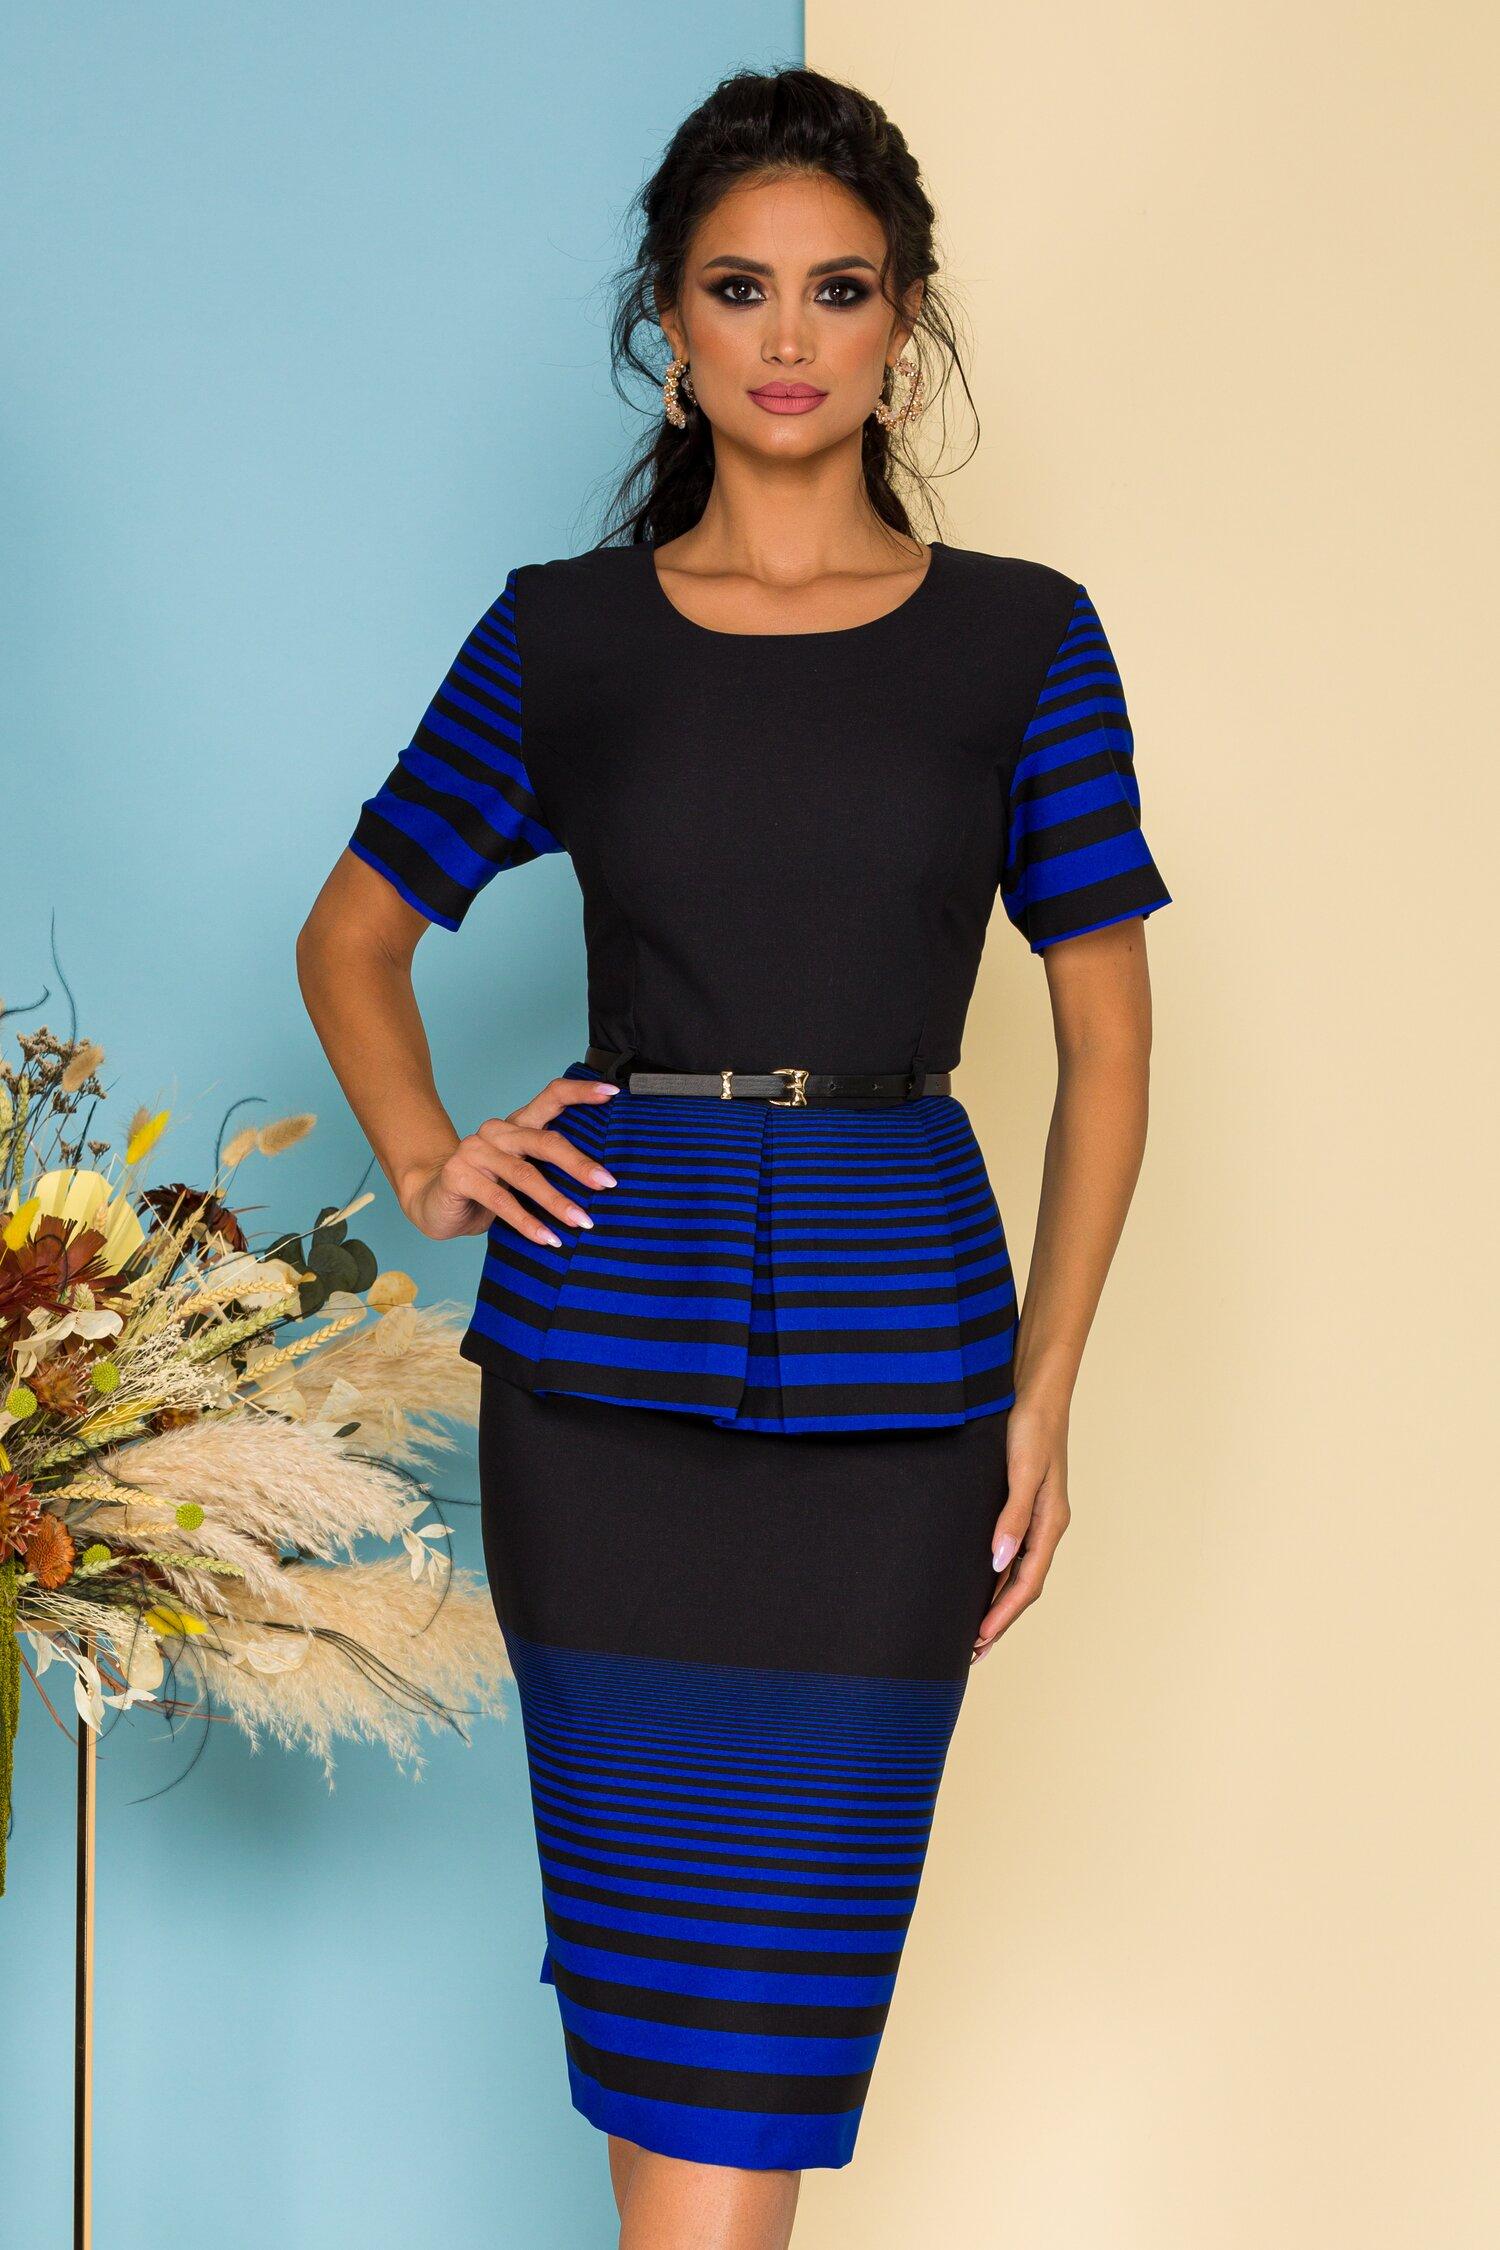 Compleu negru cu albastru din doua piese cu bluza imprimata